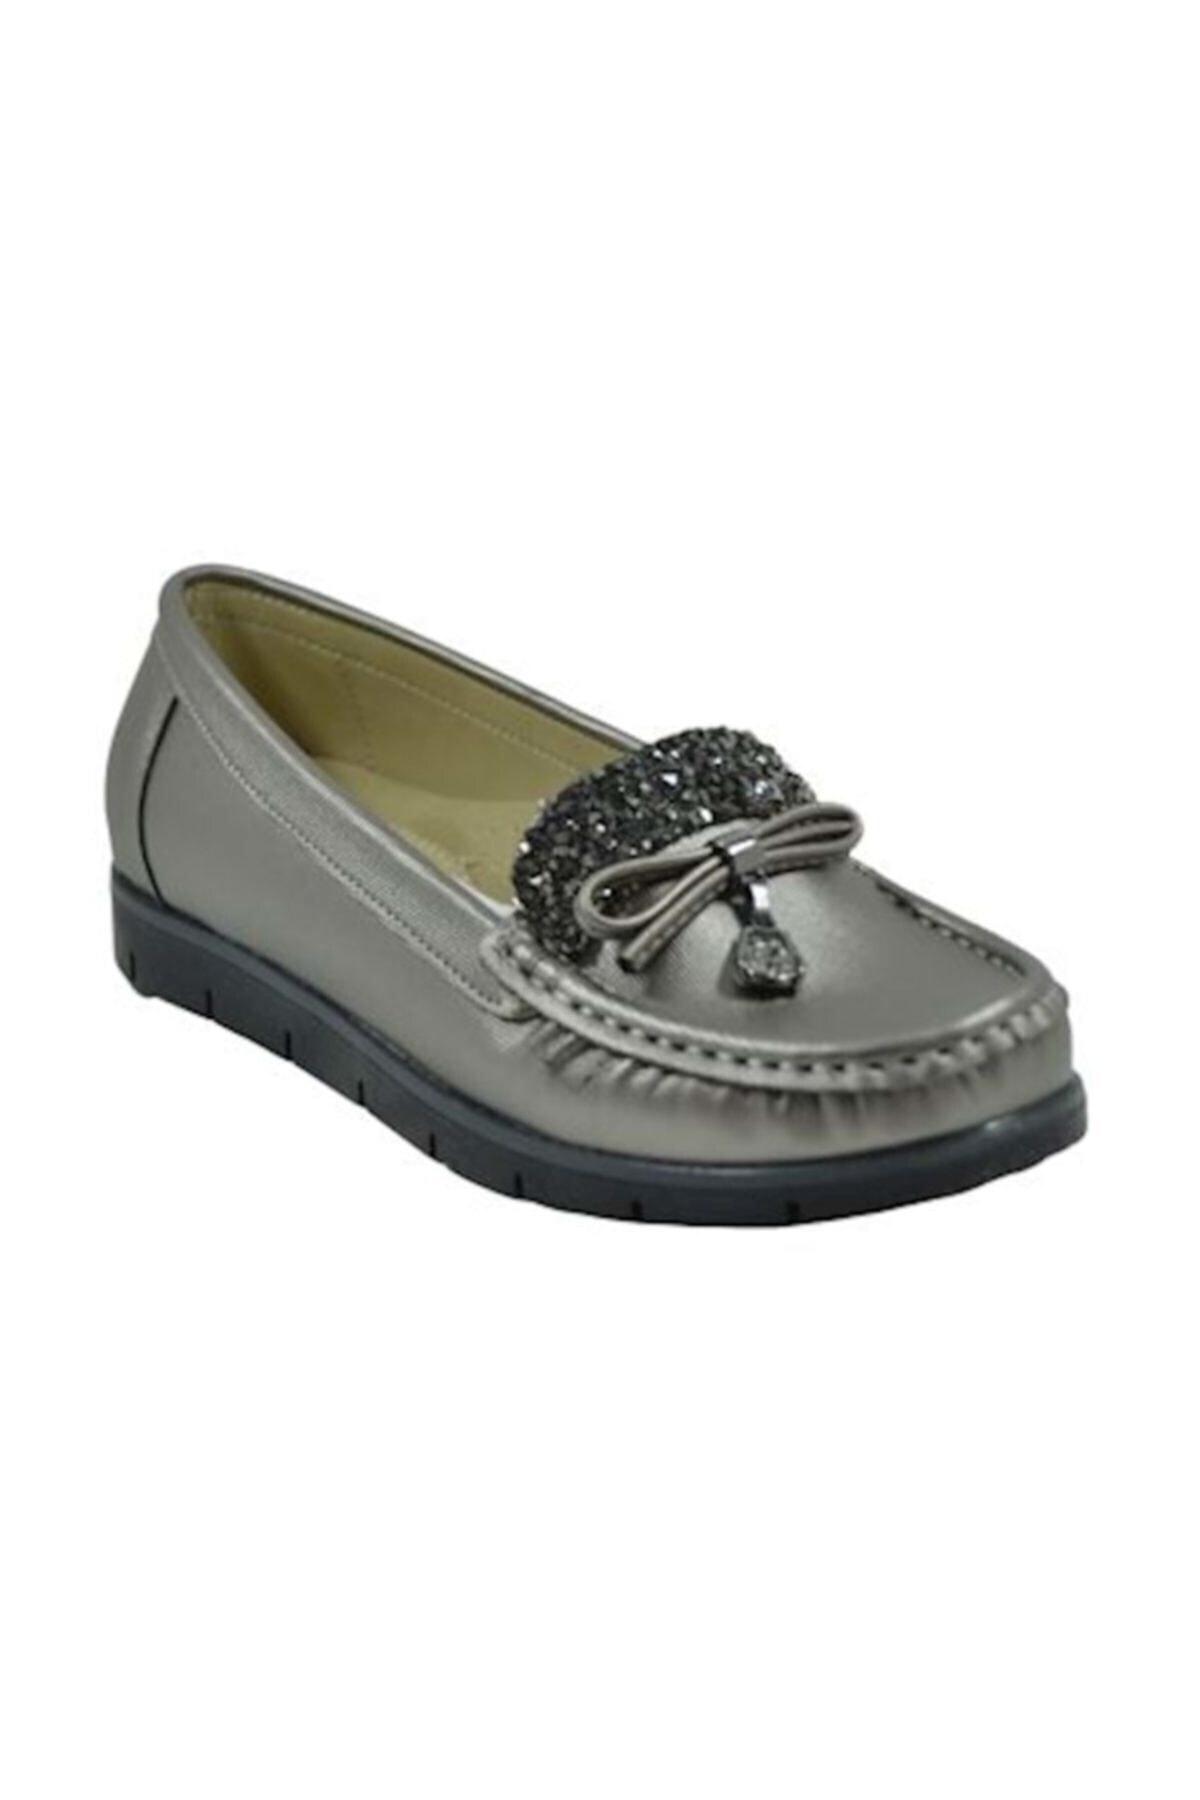 PUNTO Kadın Ortopedik Ayakkabı 572109 1